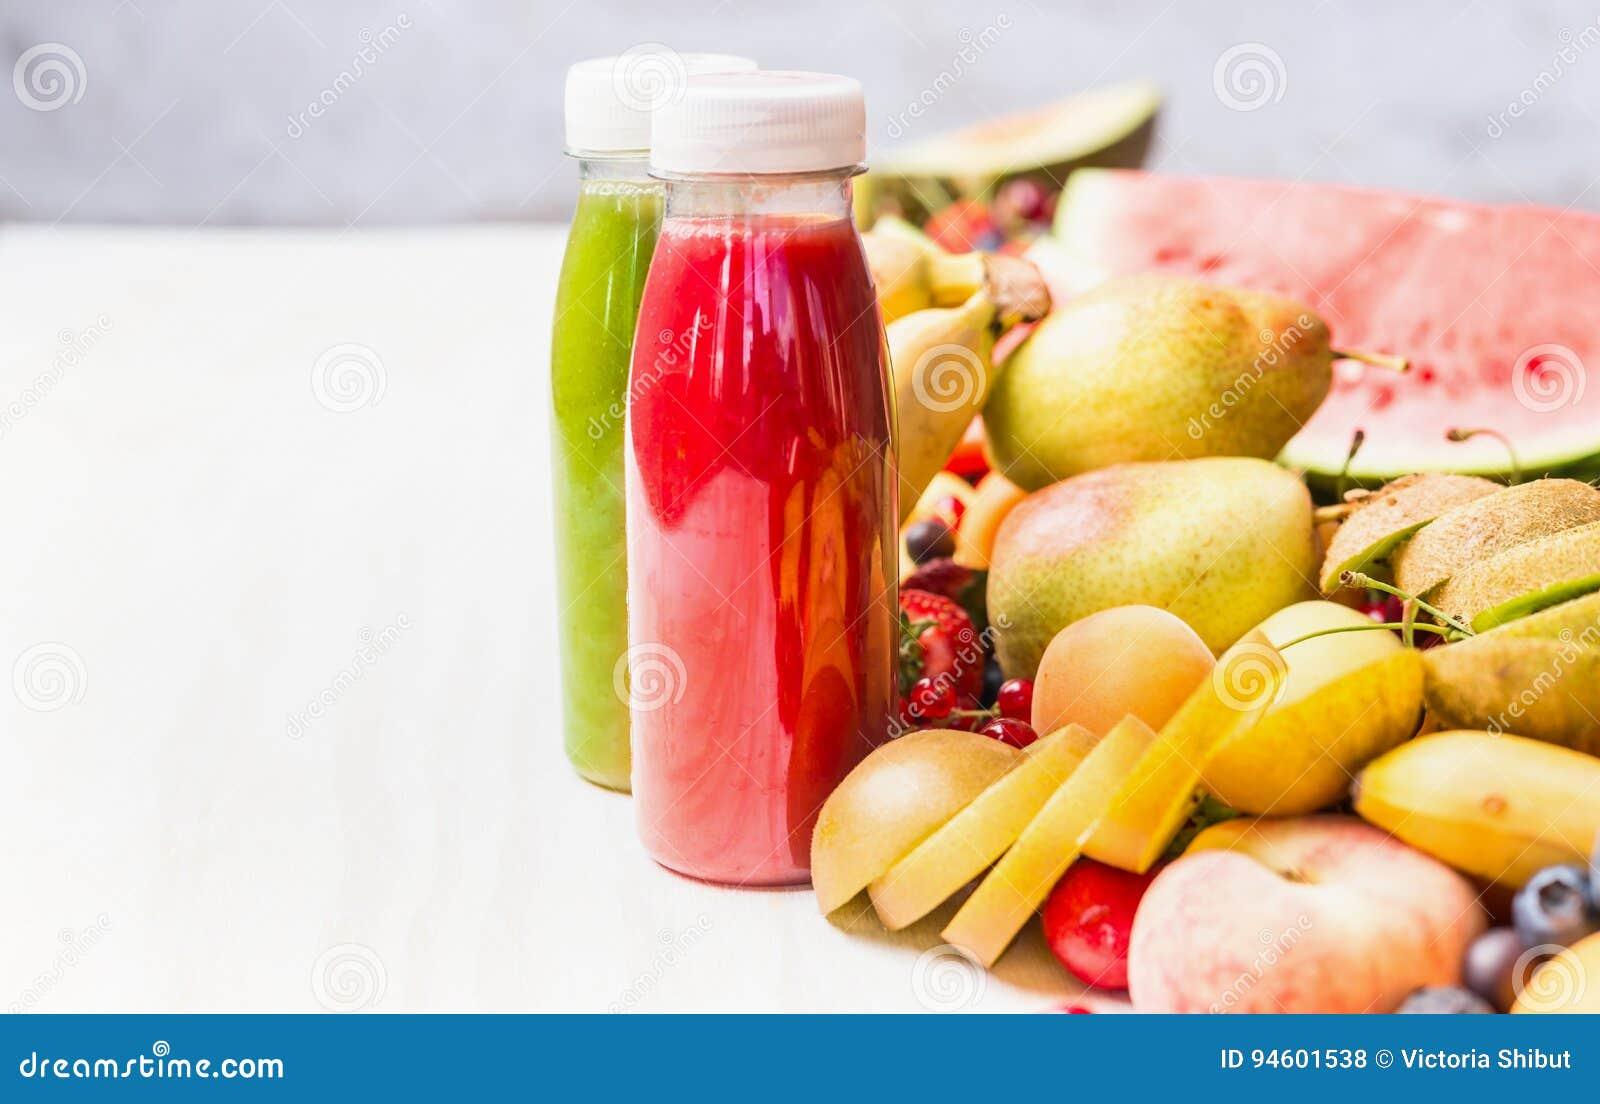 Flaschen mit roten Smoothies und Saftgetränken auf weißem Tabellenhintergrund mit Sommerfrüchten und Beeren, Vorderansicht Gesund